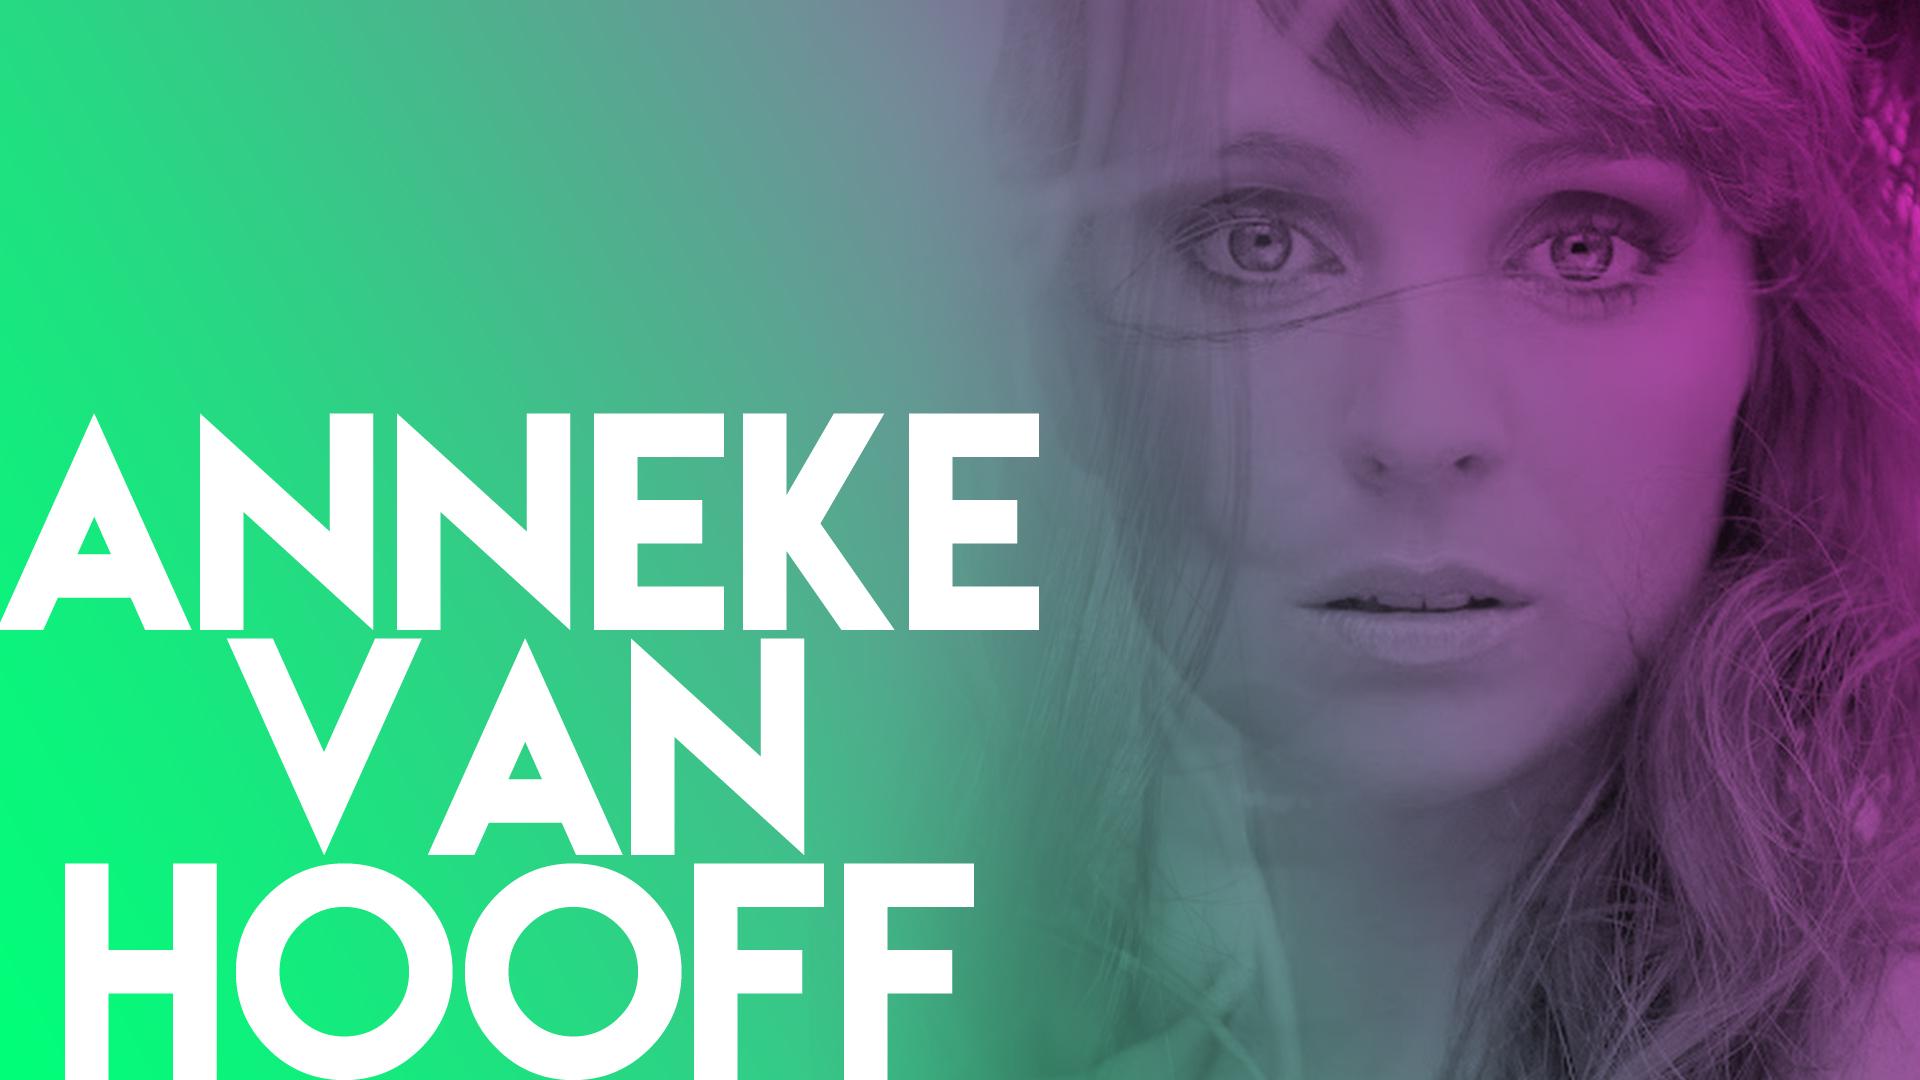 Anneke Van Hooff